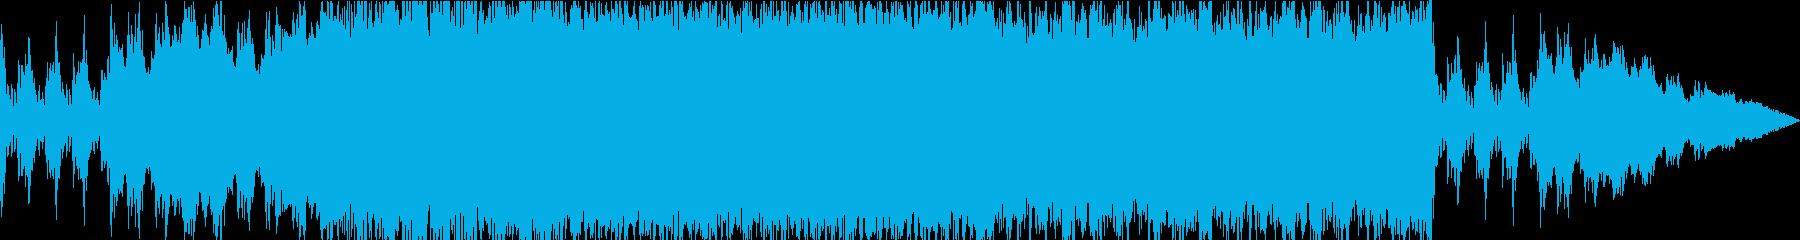 もう一度勇気をくれるBGMの再生済みの波形